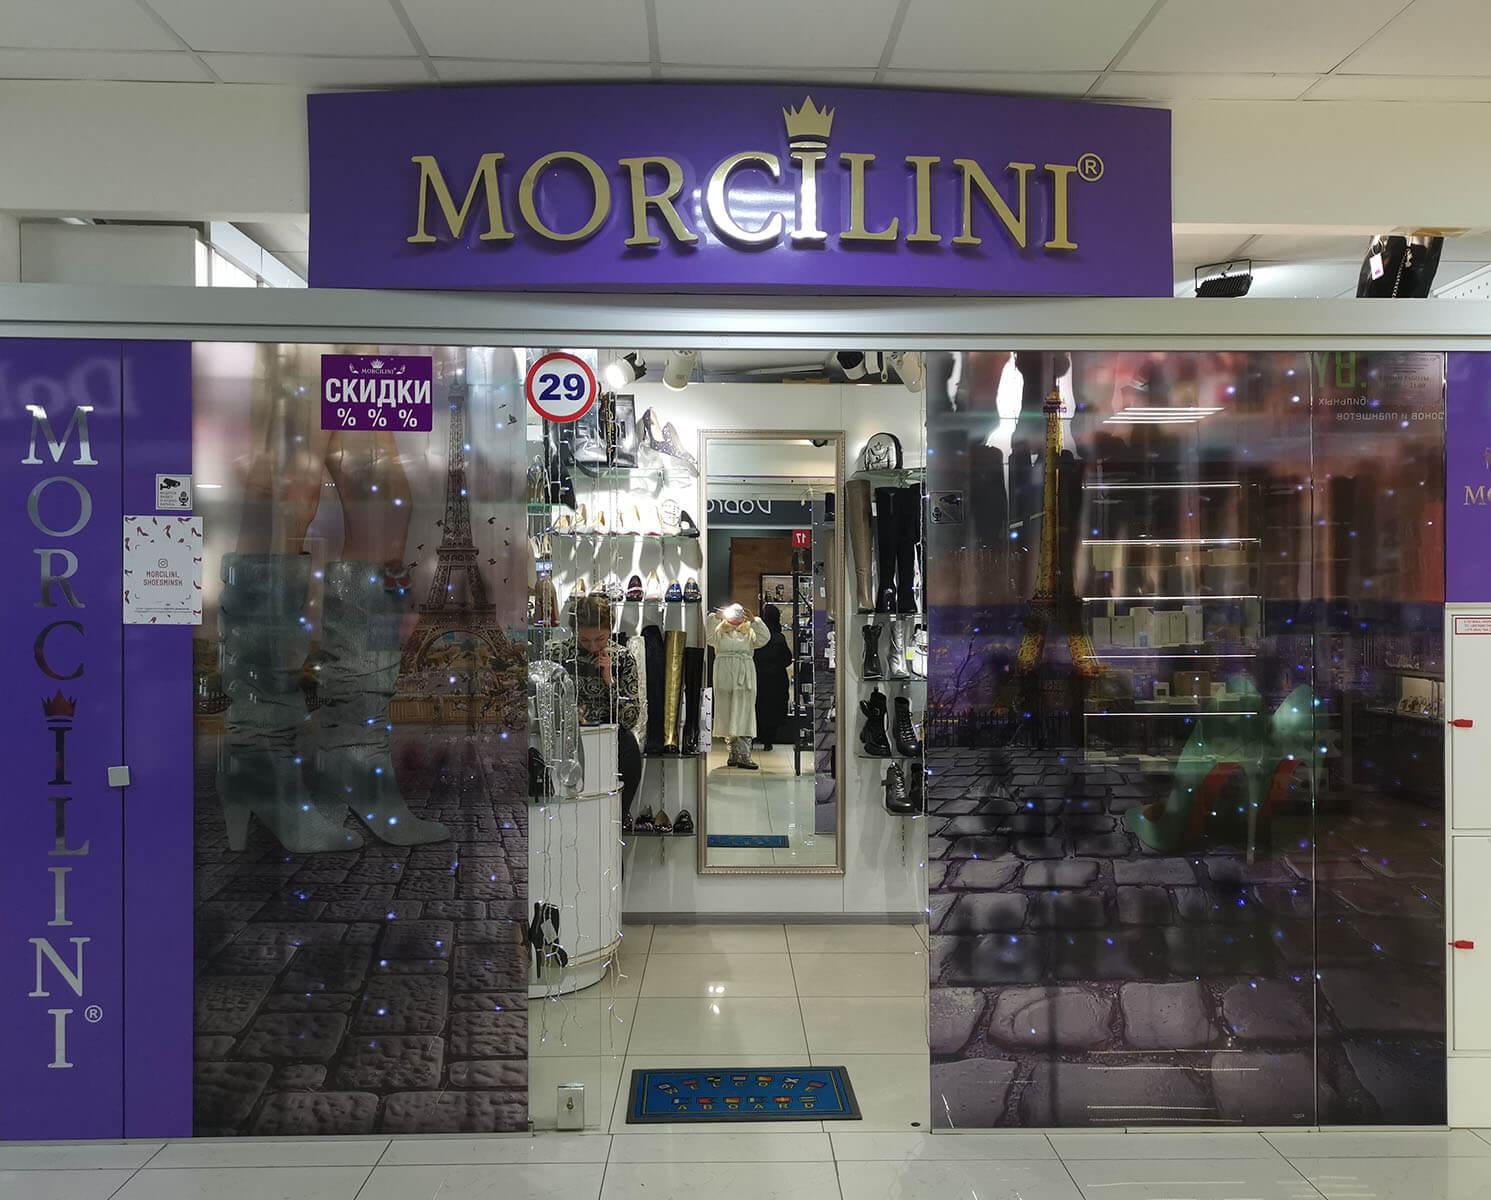 «Morcilini» - магазин женской обуви на 1-м этаже в торговом центре